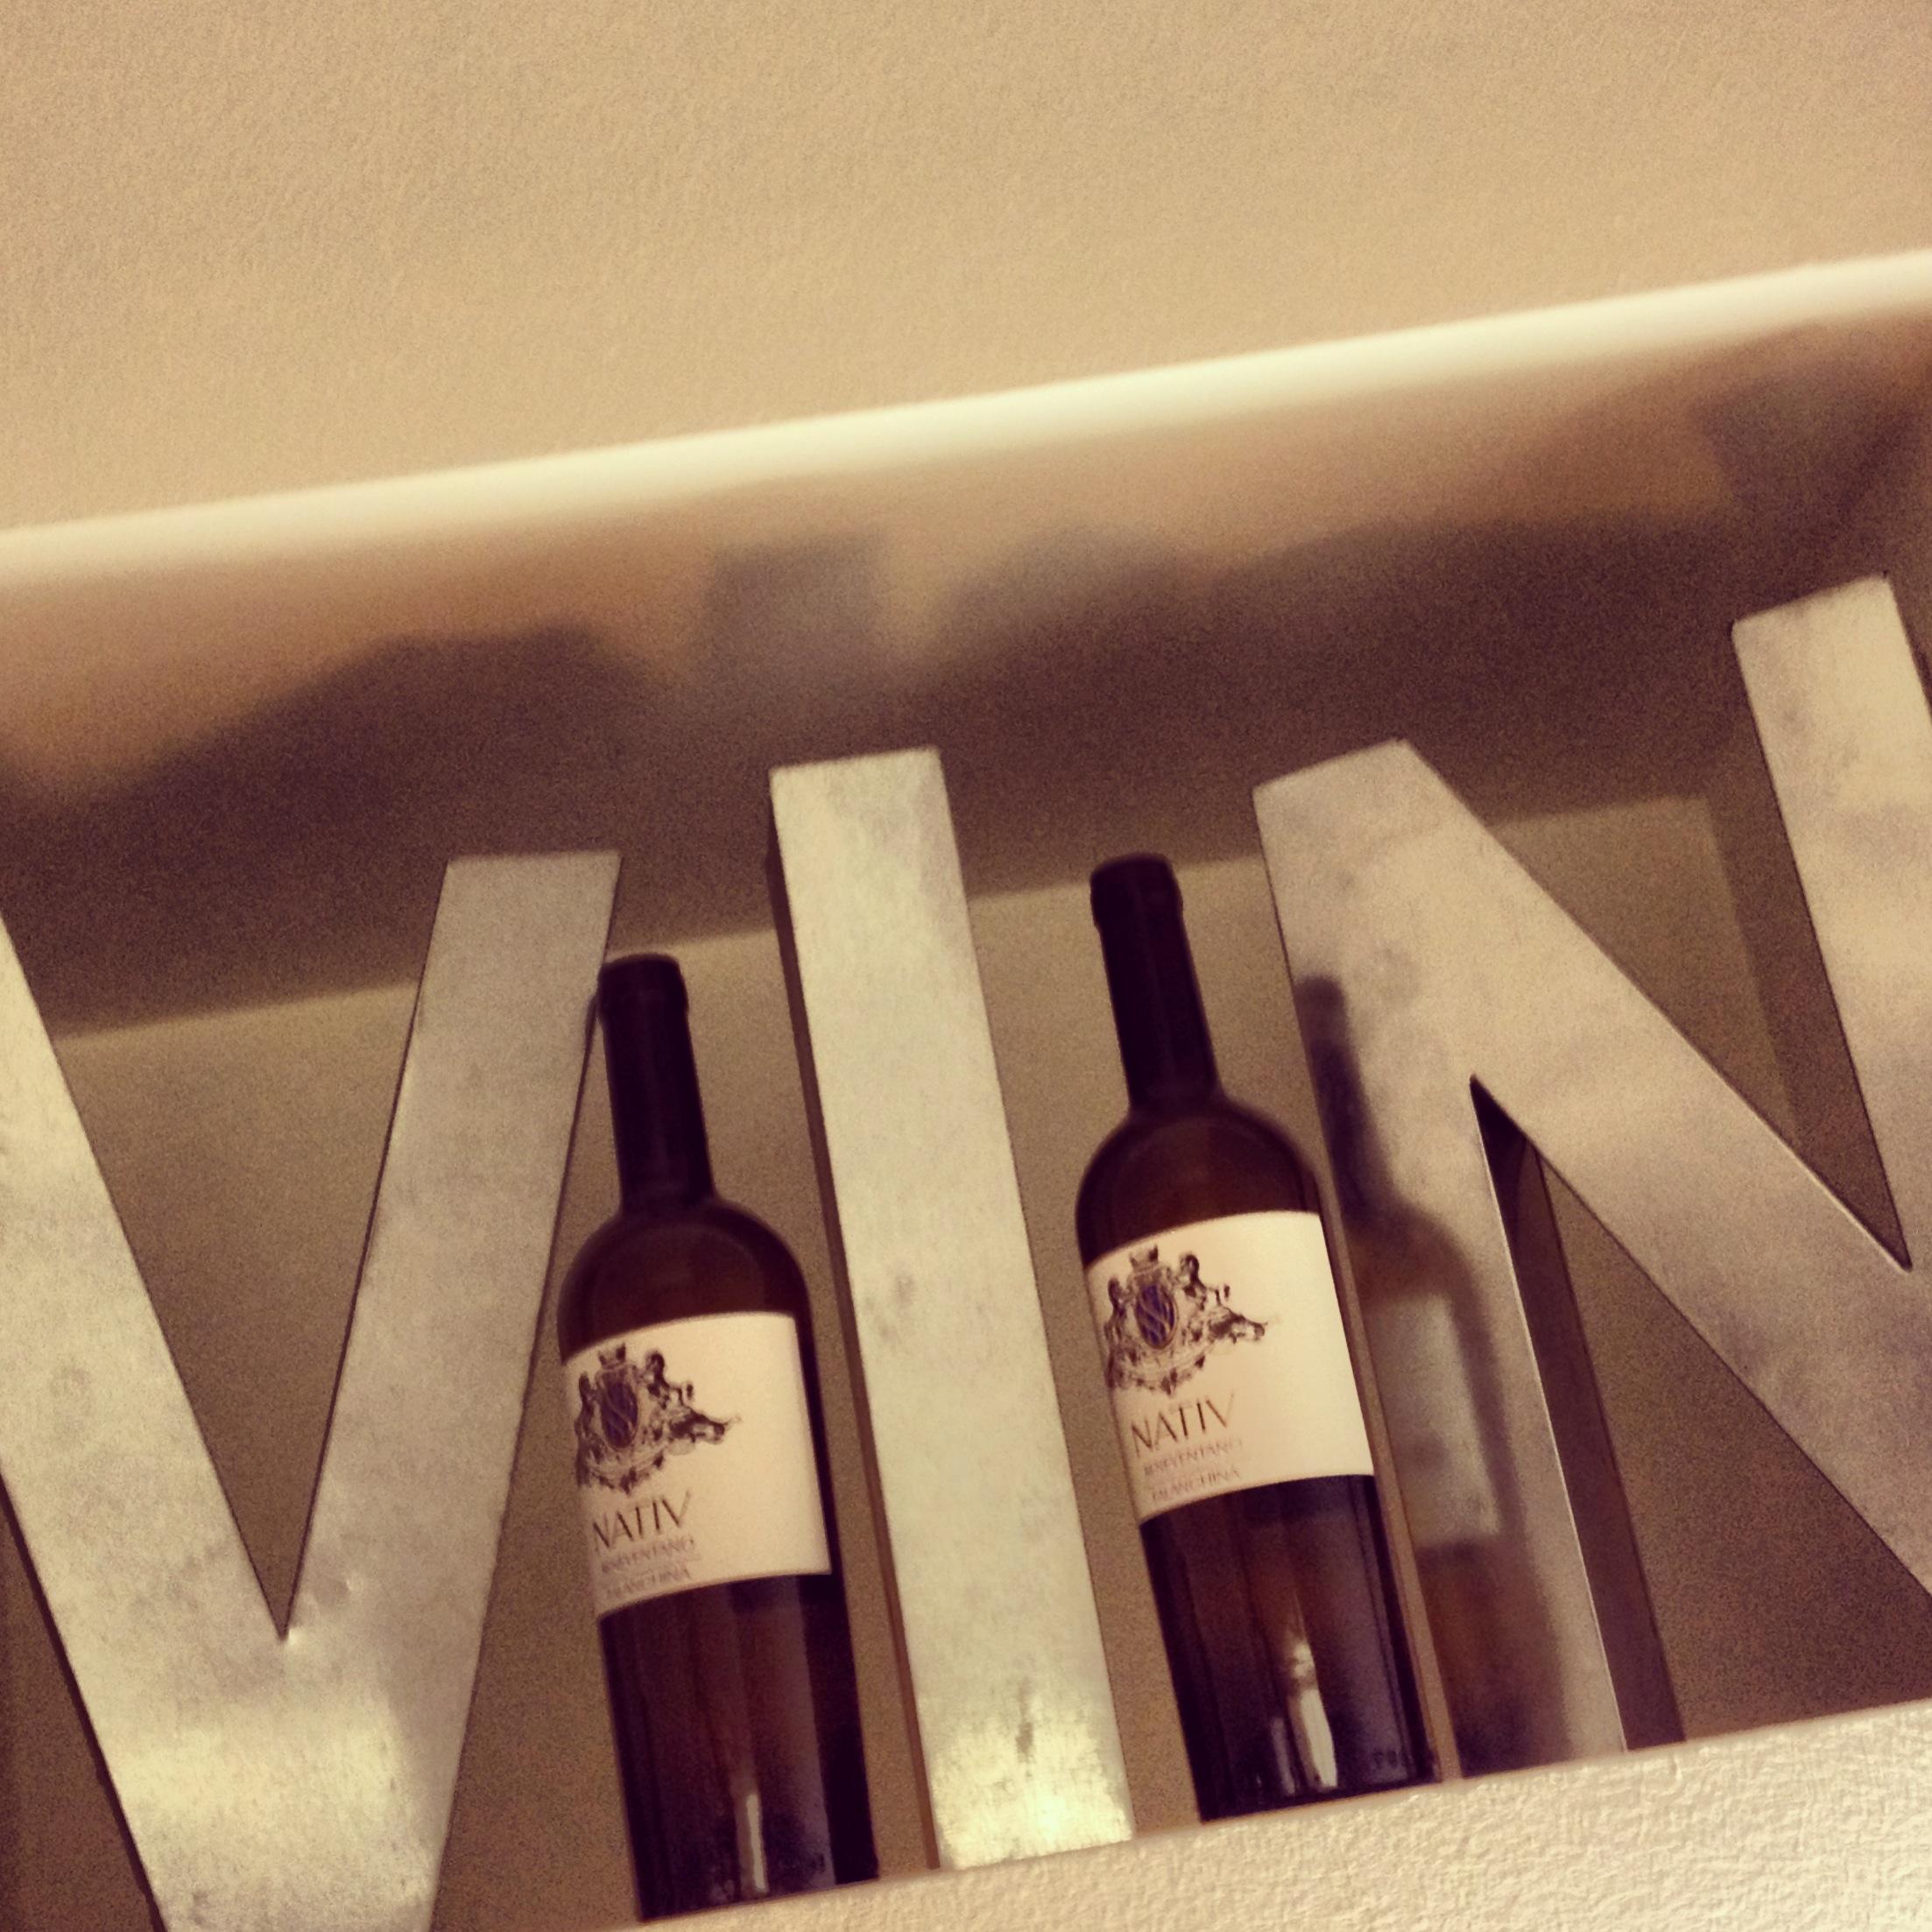 vino-vino -bottiglie in coppia- non-si-dice-piacere-bon-ton-galateo